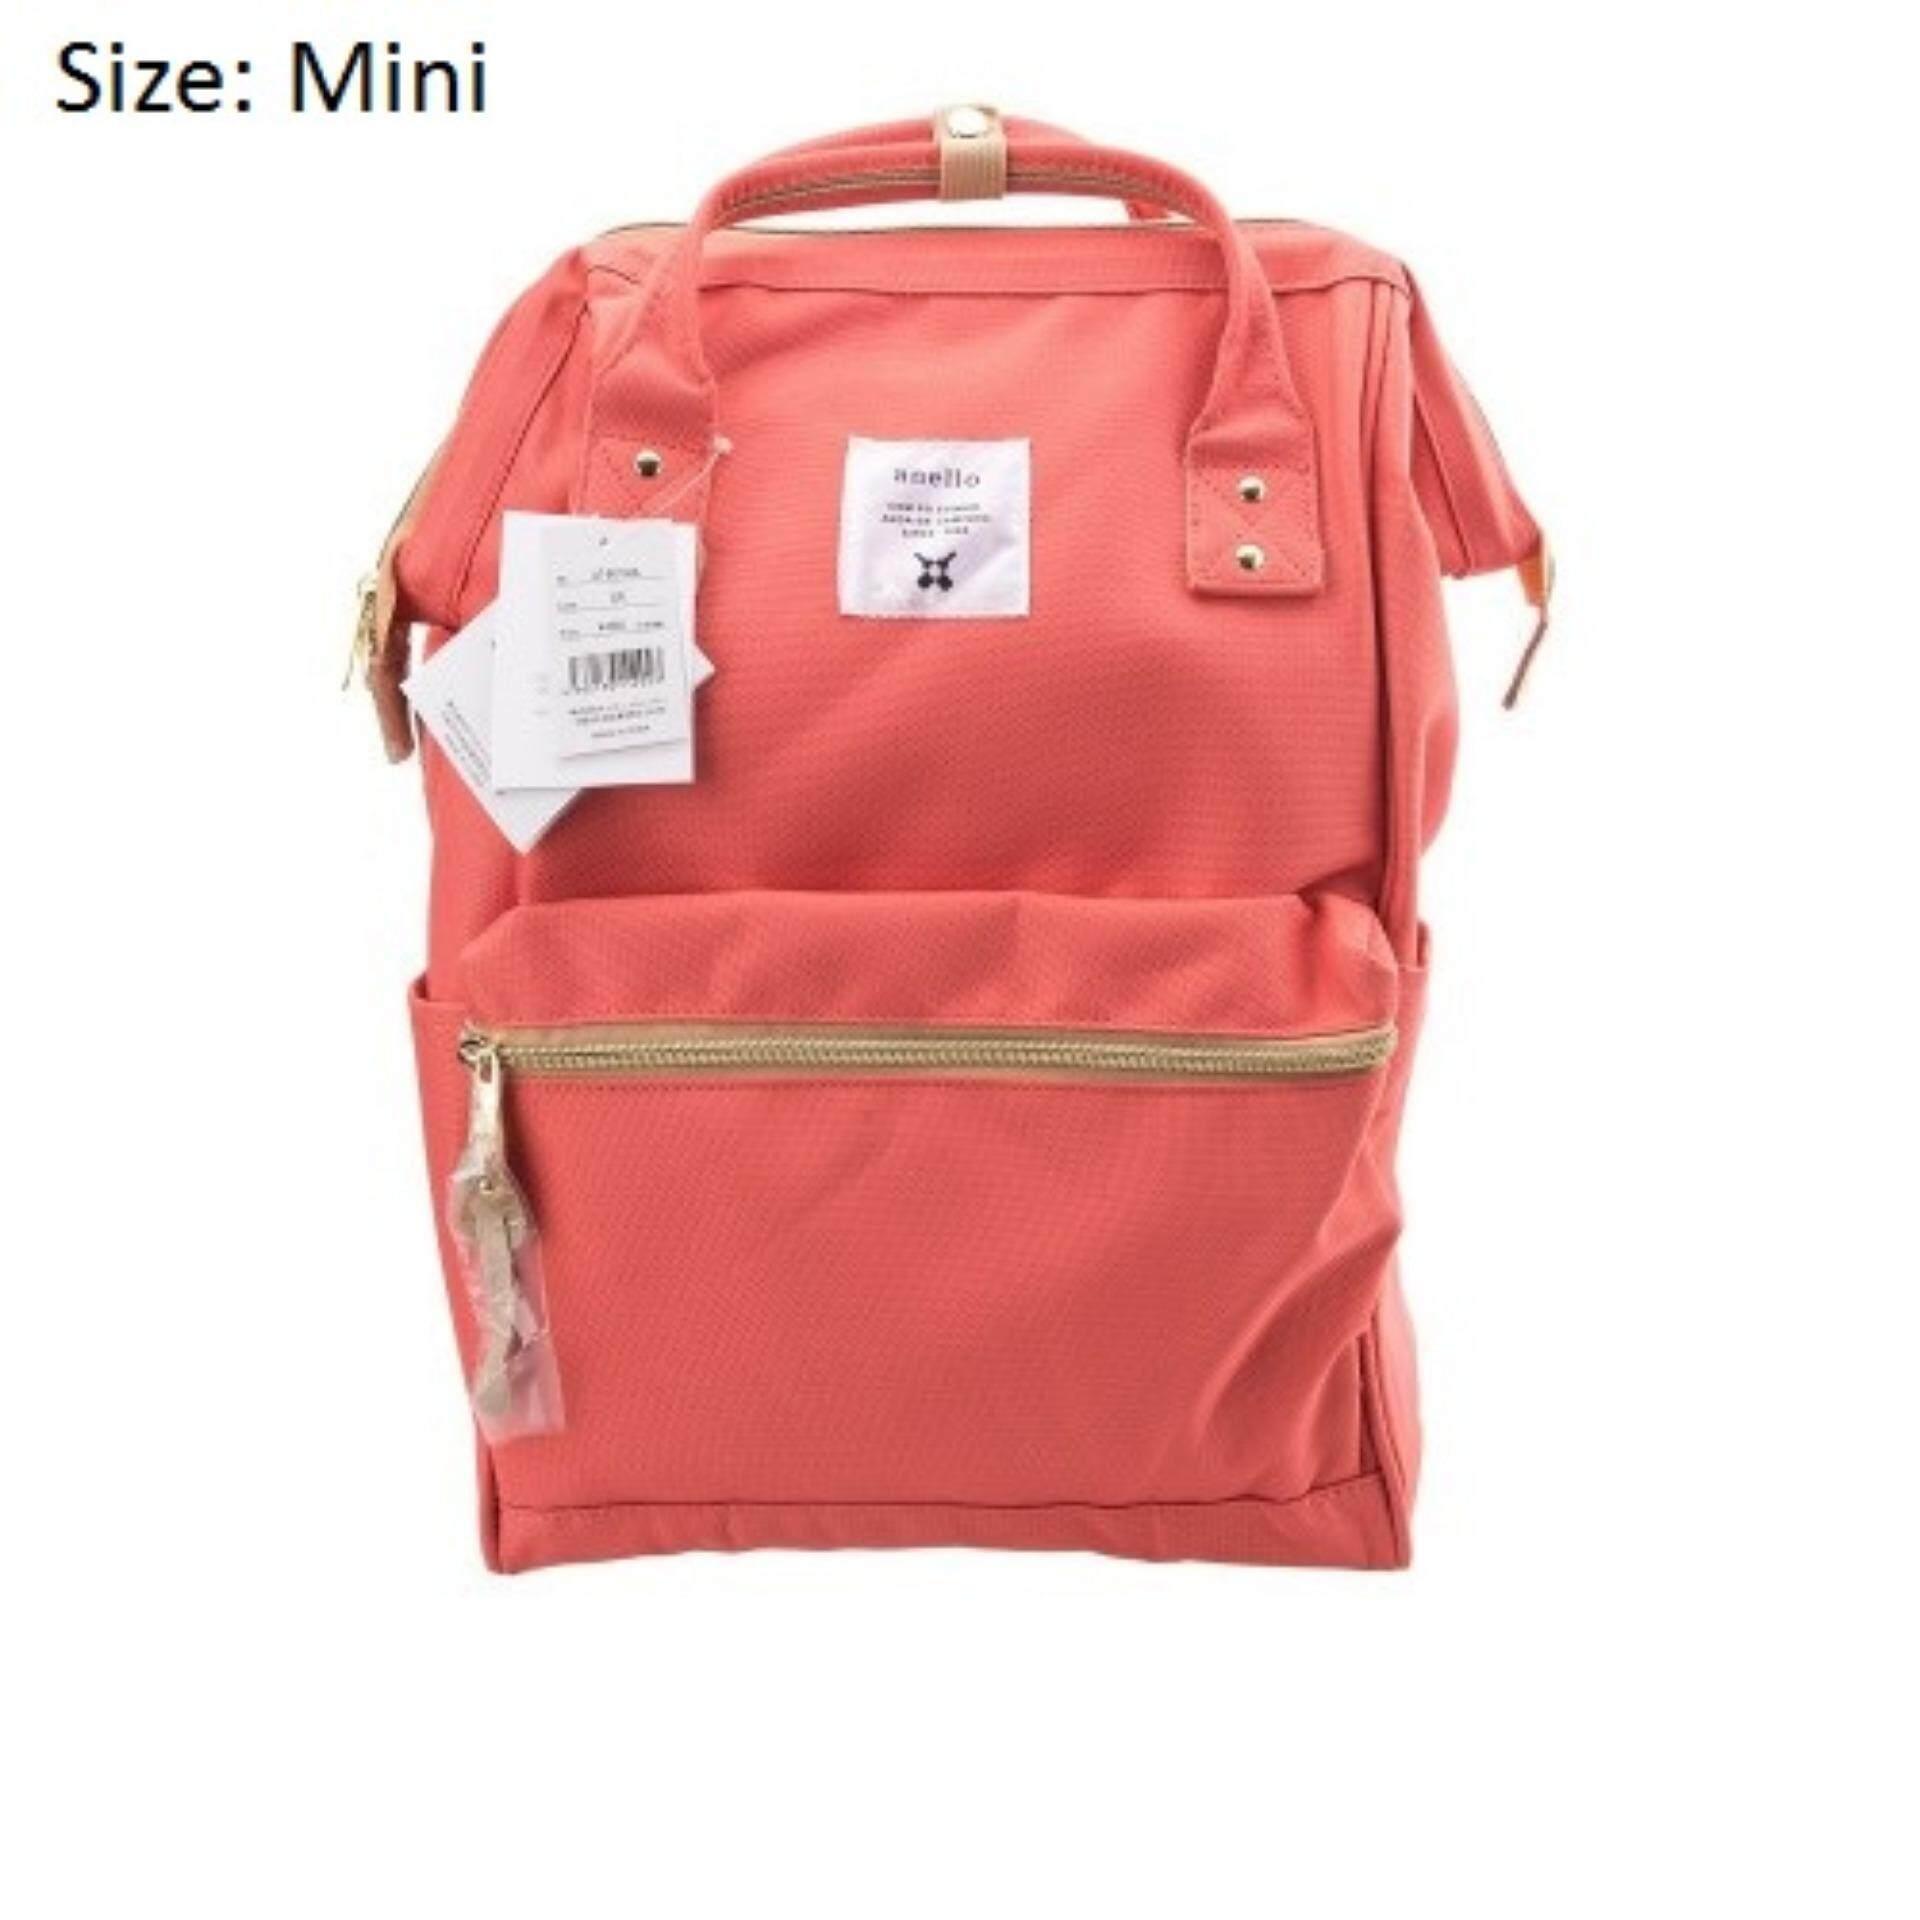 สอนใช้งาน  เชียงใหม่ กระเป๋าเป้ Anello Canvas Unisex Backpack Coral Pink (Mini Size) - Japan Imported 100%